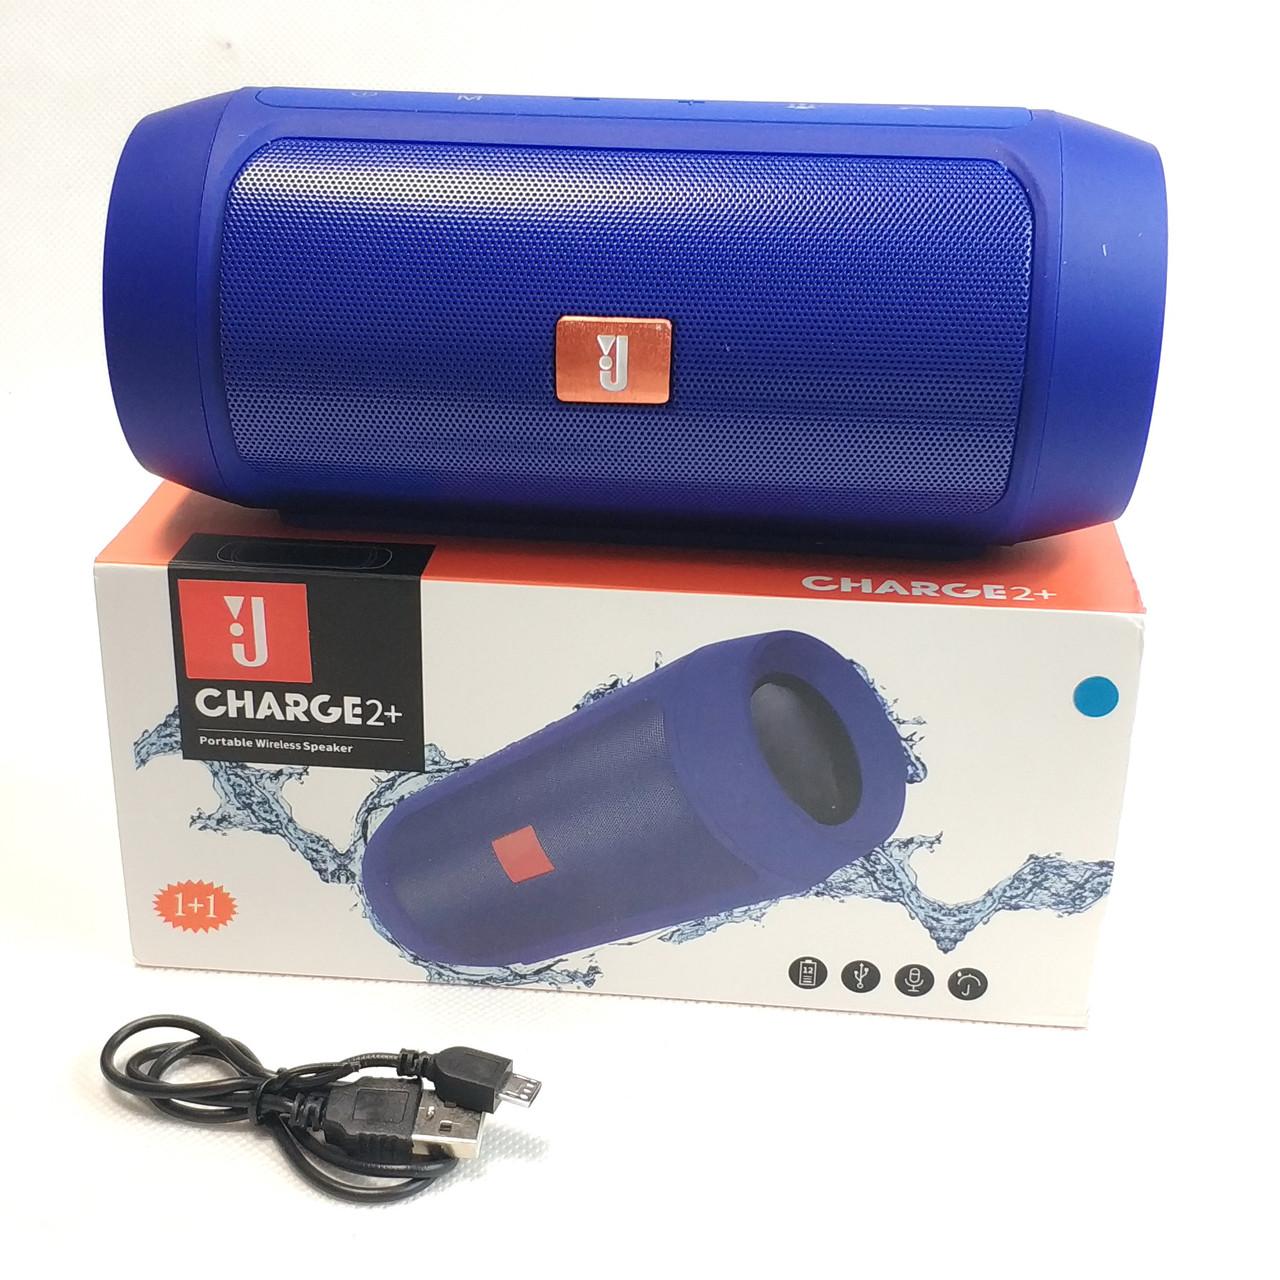 Портативная блютуз колонка акустика bluetooth jbl для телефона мини с флешкой charge 2+